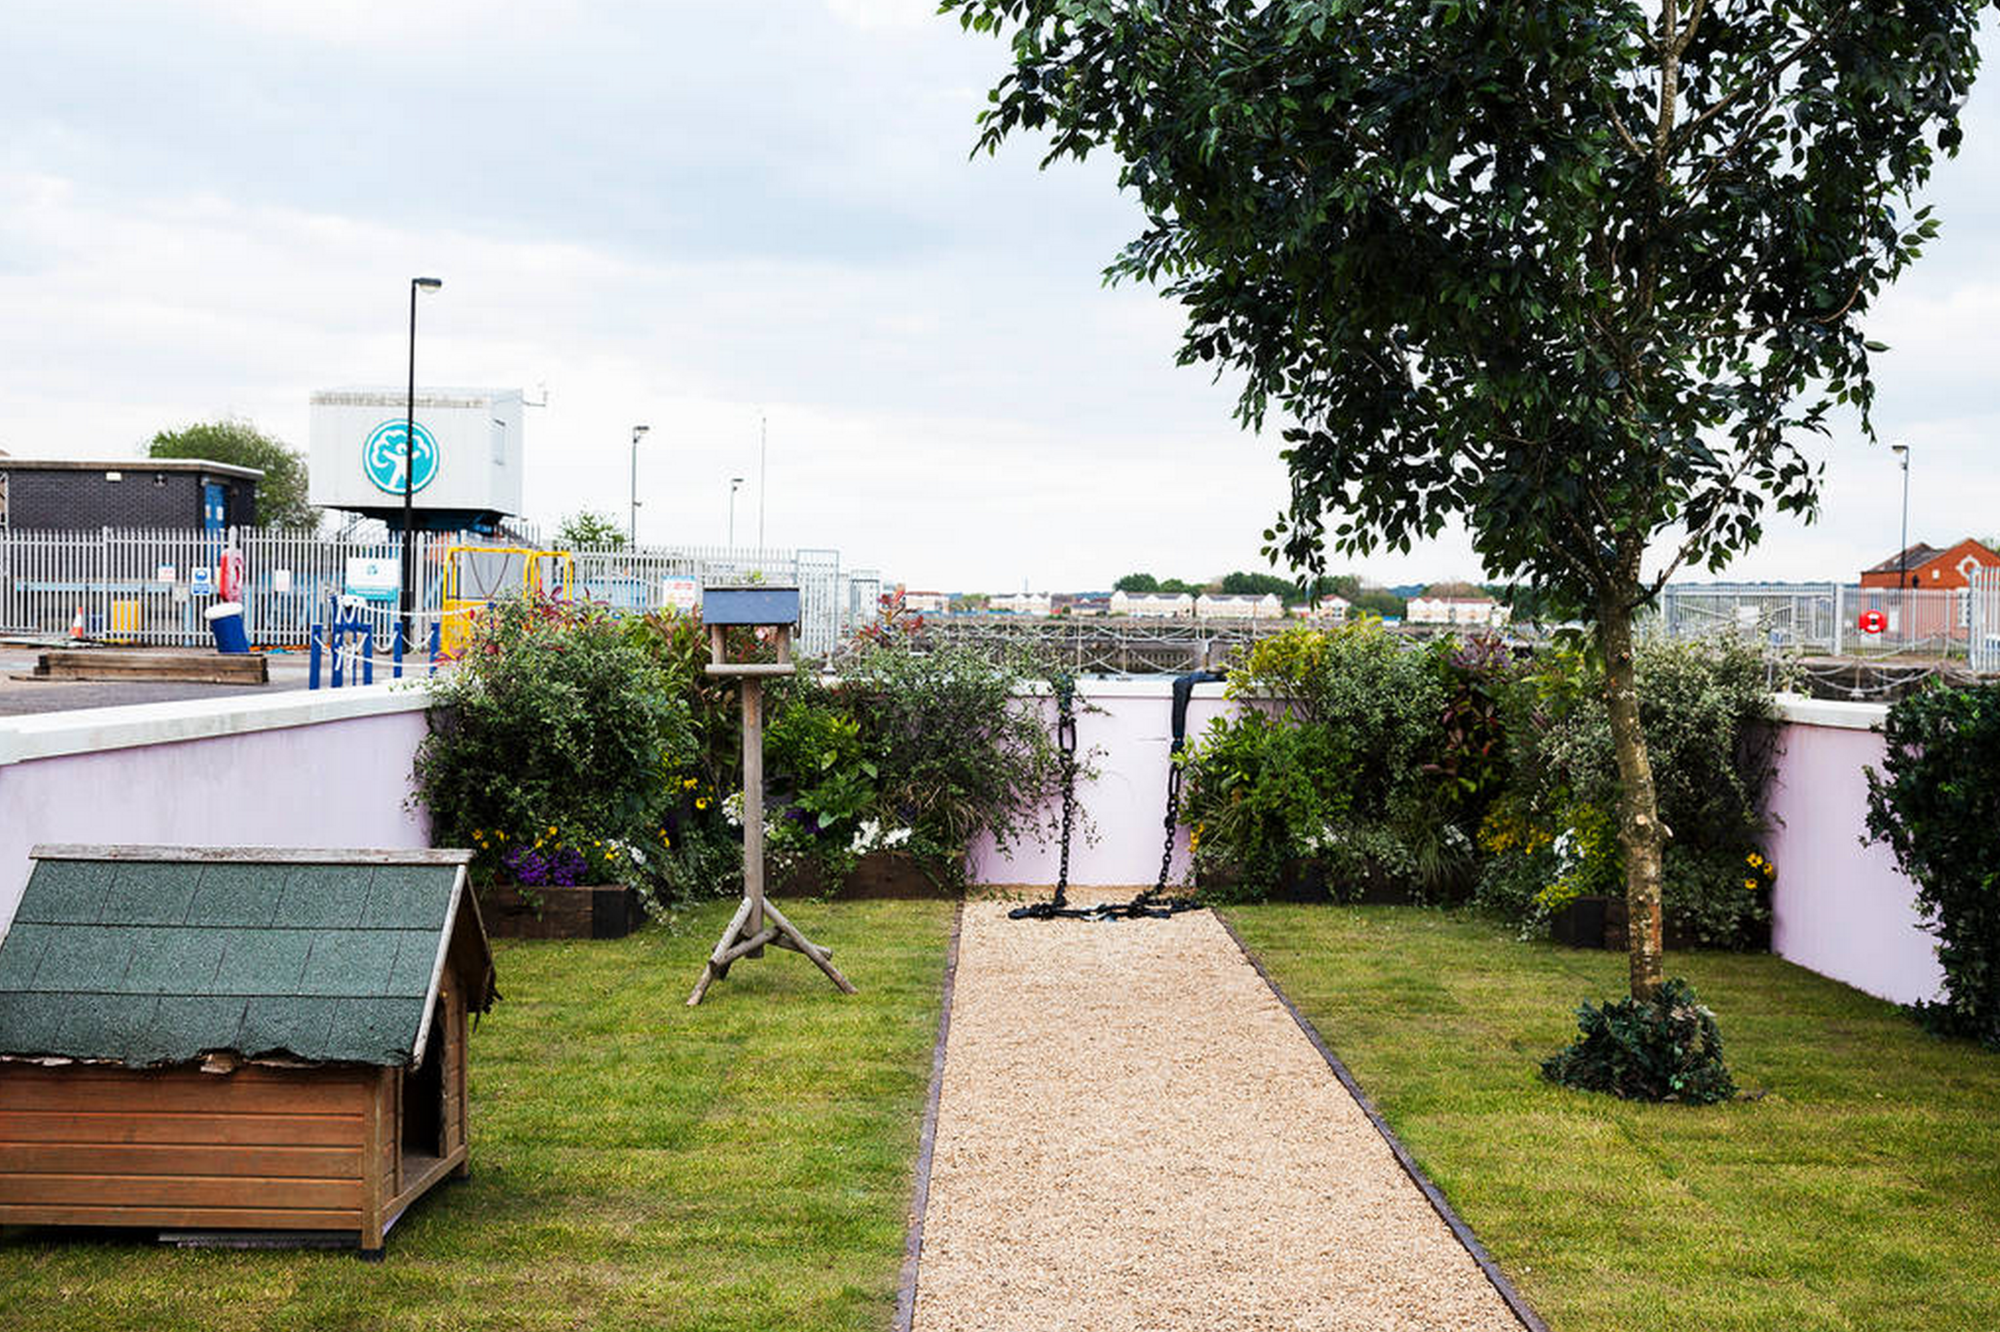 La casa flotante de Airbnb en Londres